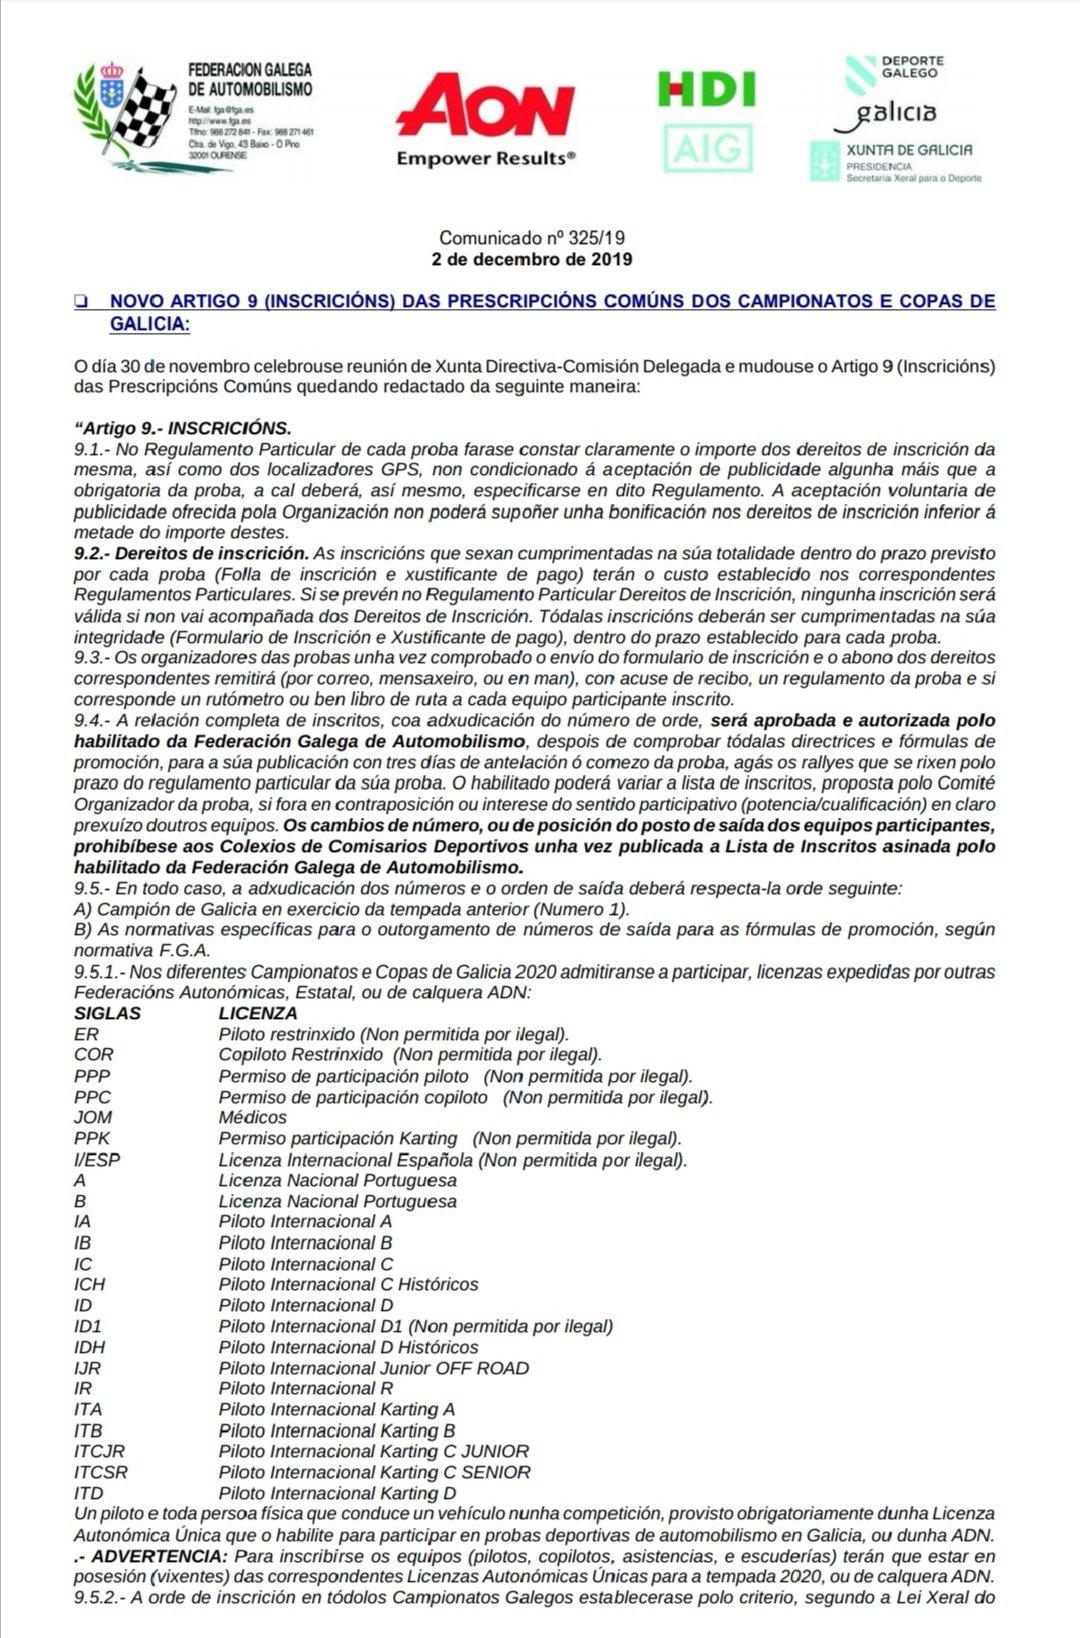 Campeonatos Regionales 2019: Información y novedades - Página 27 EKzkP5-WsAI3lU7?format=jpg&name=large